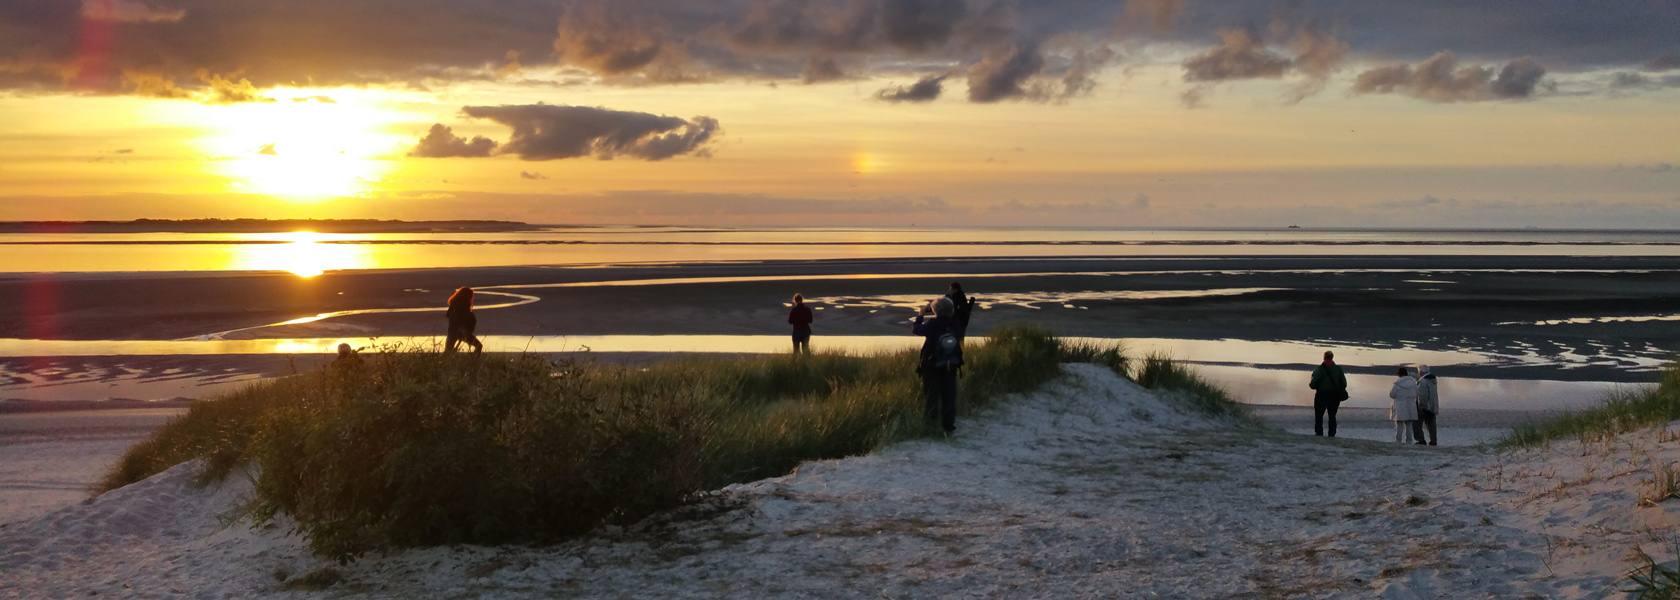 Sonnenuntergang auf der Insel, © Jantje Olchers, Die Nordsee GmbH